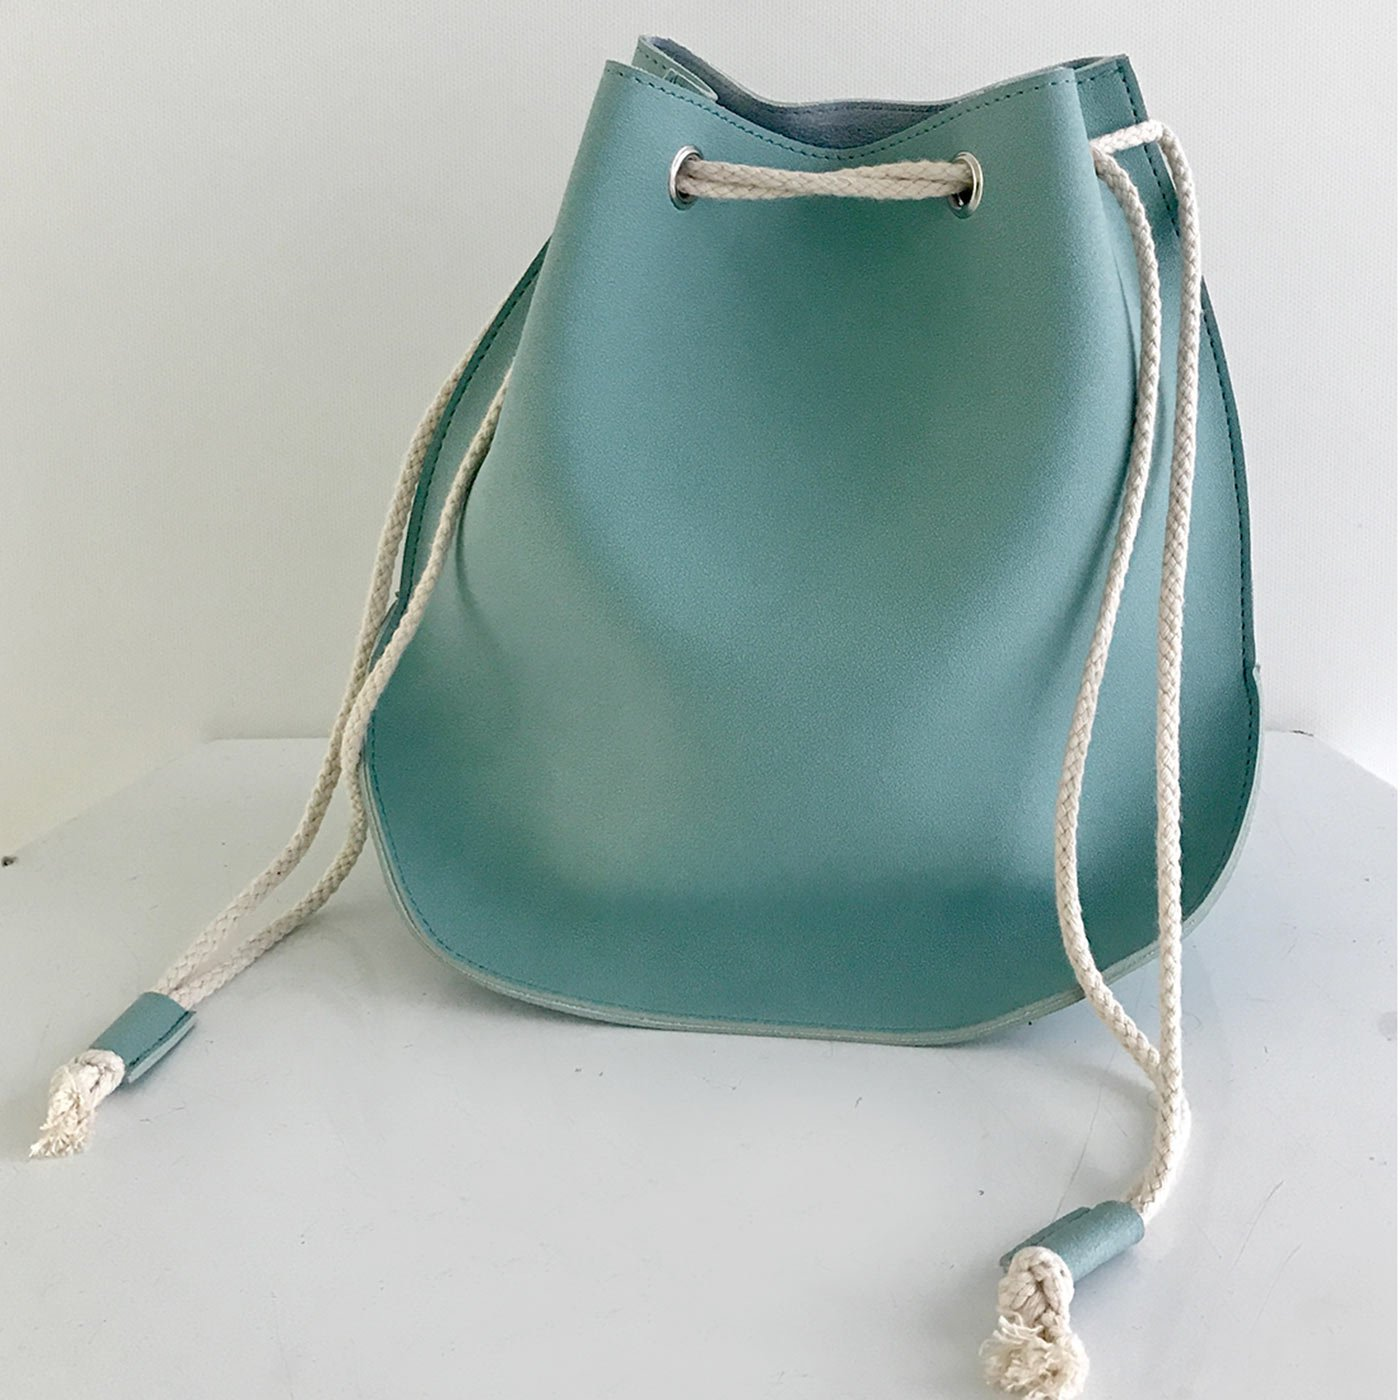 IEDIT[イディット] SELECT ロープがポイント一枚仕立てのフェイクレザー巾着バッグ 6918213